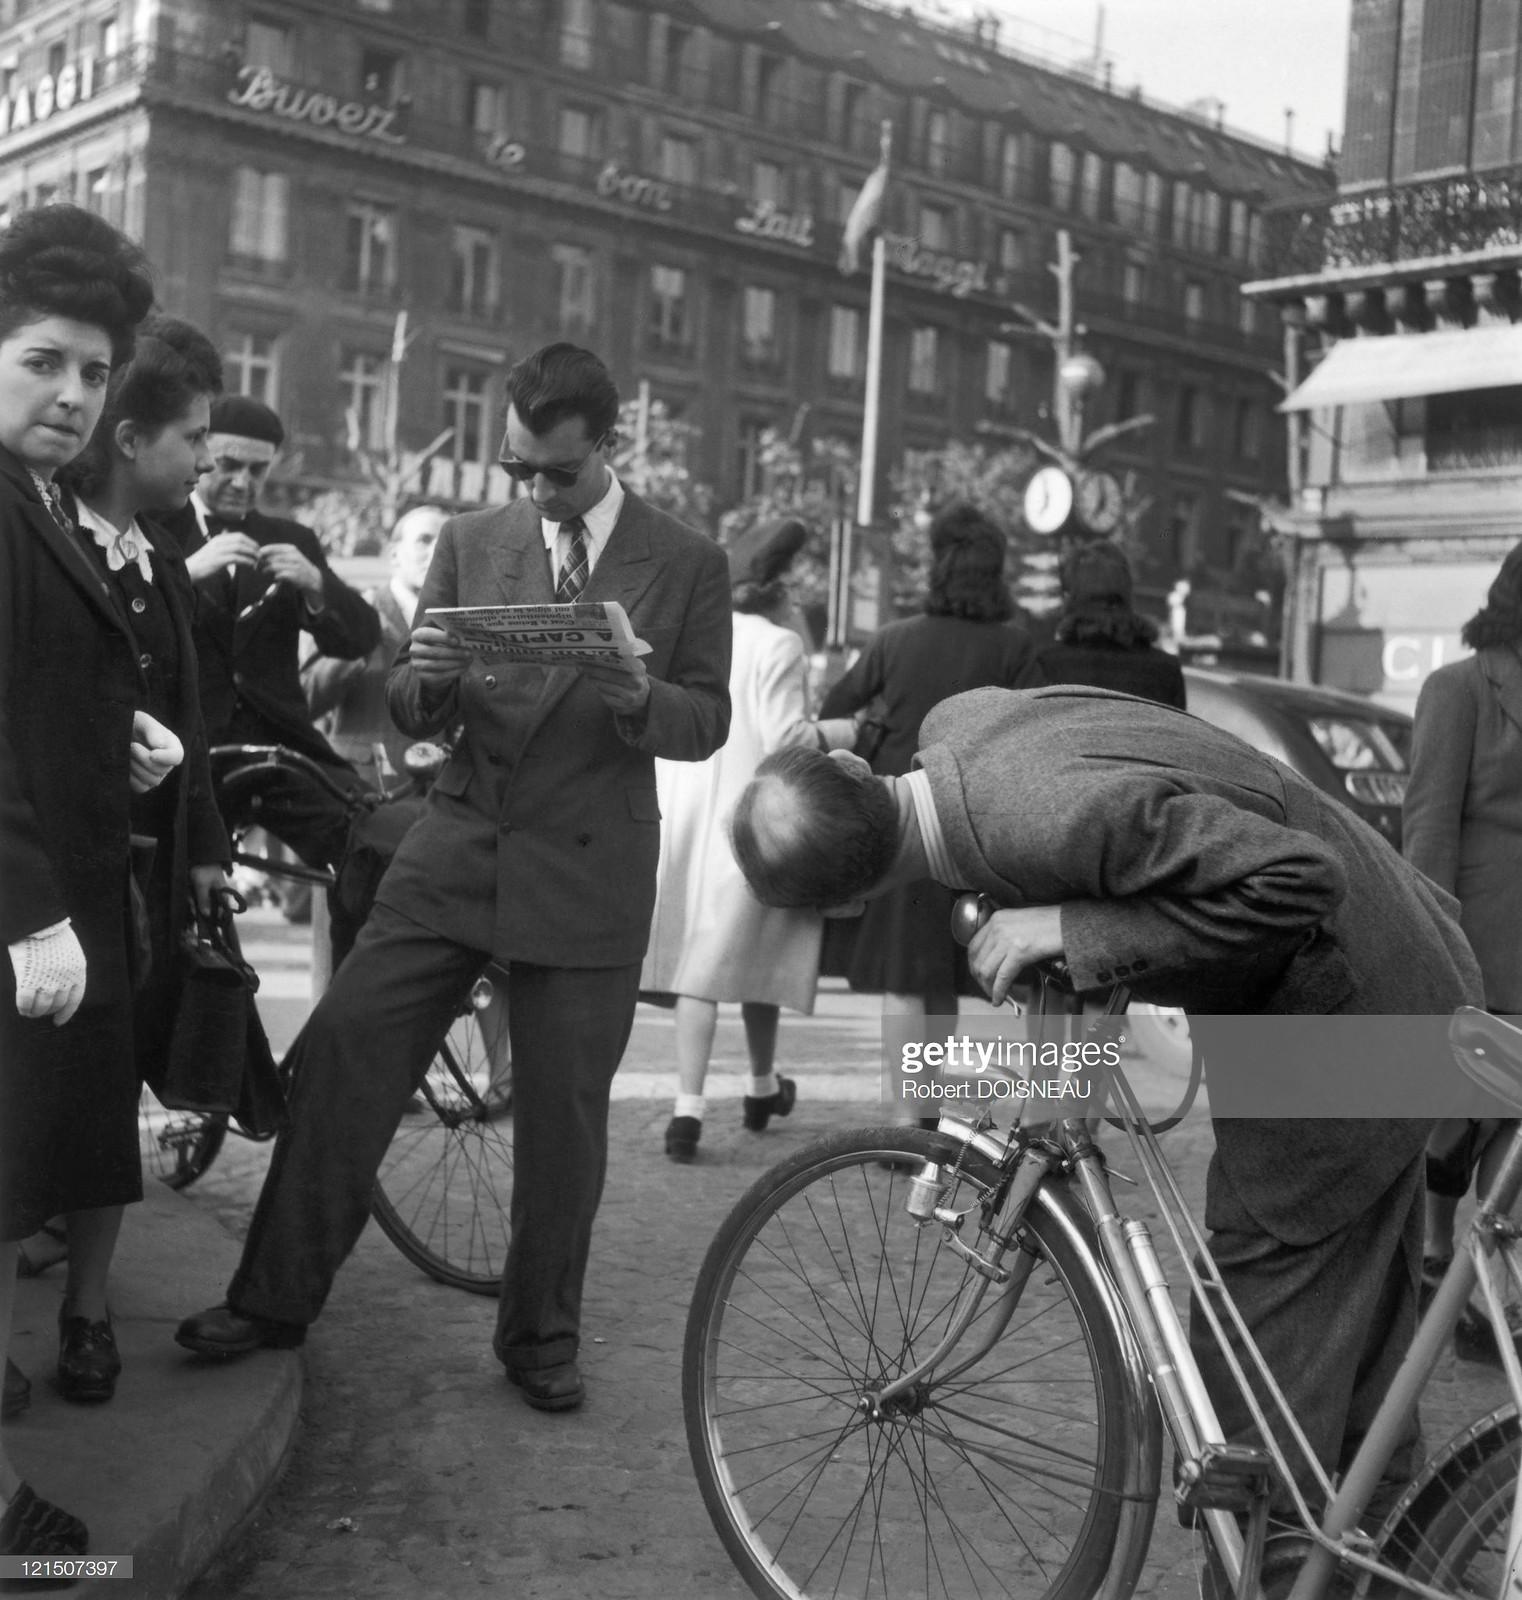 1945. Парижанин остановился, чтобы прочитать статью, в которой говорится о капитуляции Германии в Реймсе 7 мая 1945